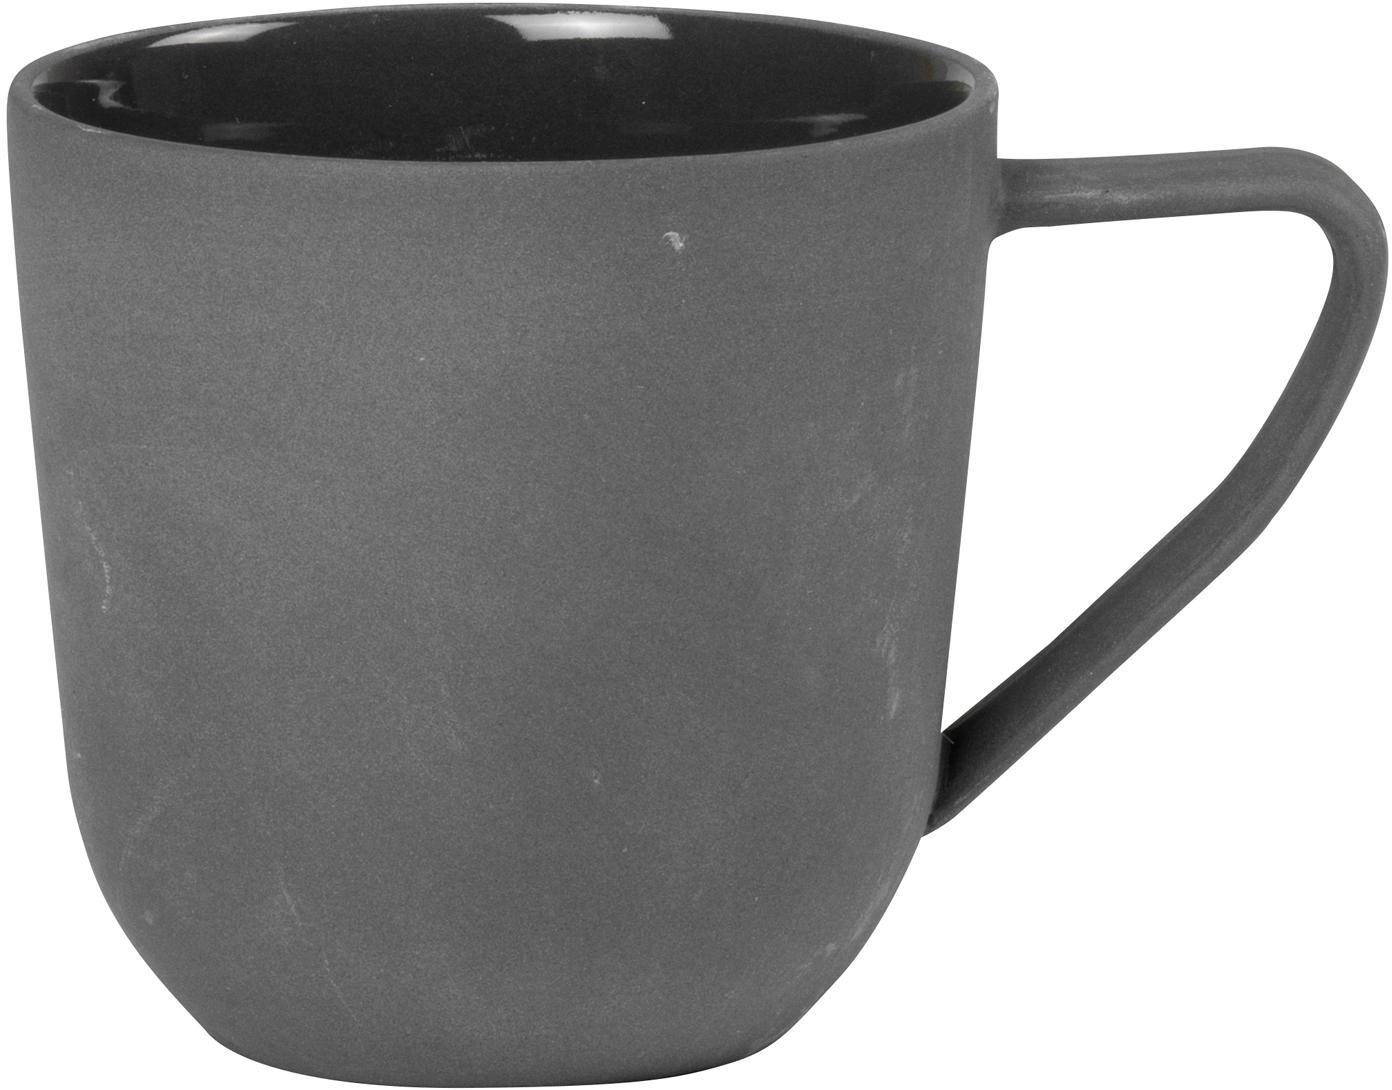 Tazza in grigio scuro opaco/lucido Nudge 4 pz, Porcellana, Grigio scuro, Ø 8 x Alt. 8 cm